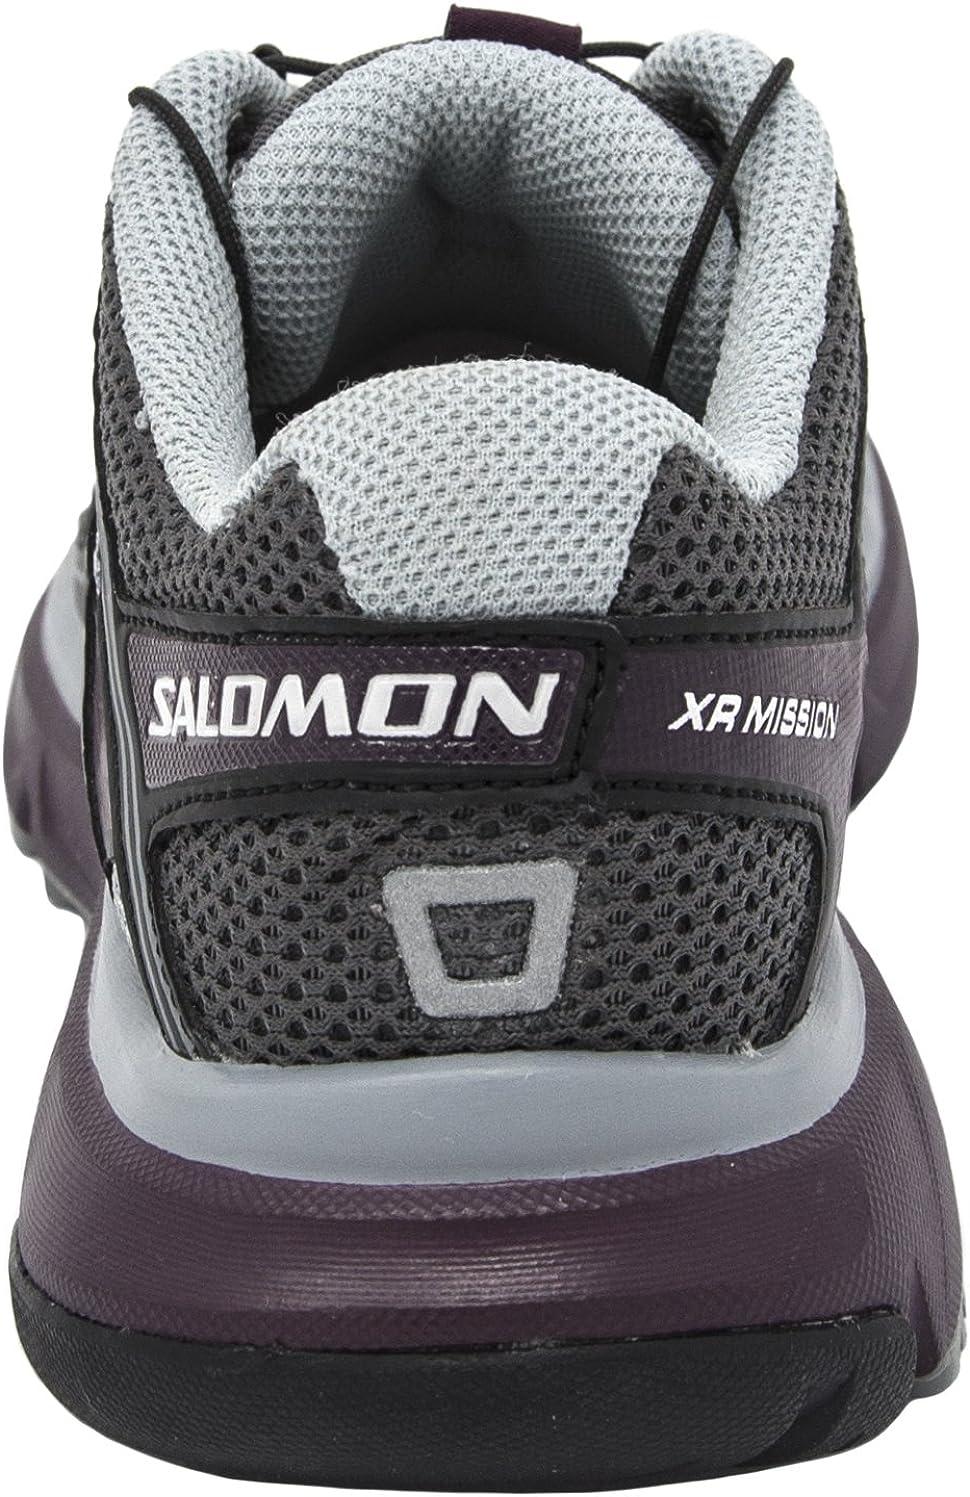 Salomon XR Mission Damens Score BlueVery Purple